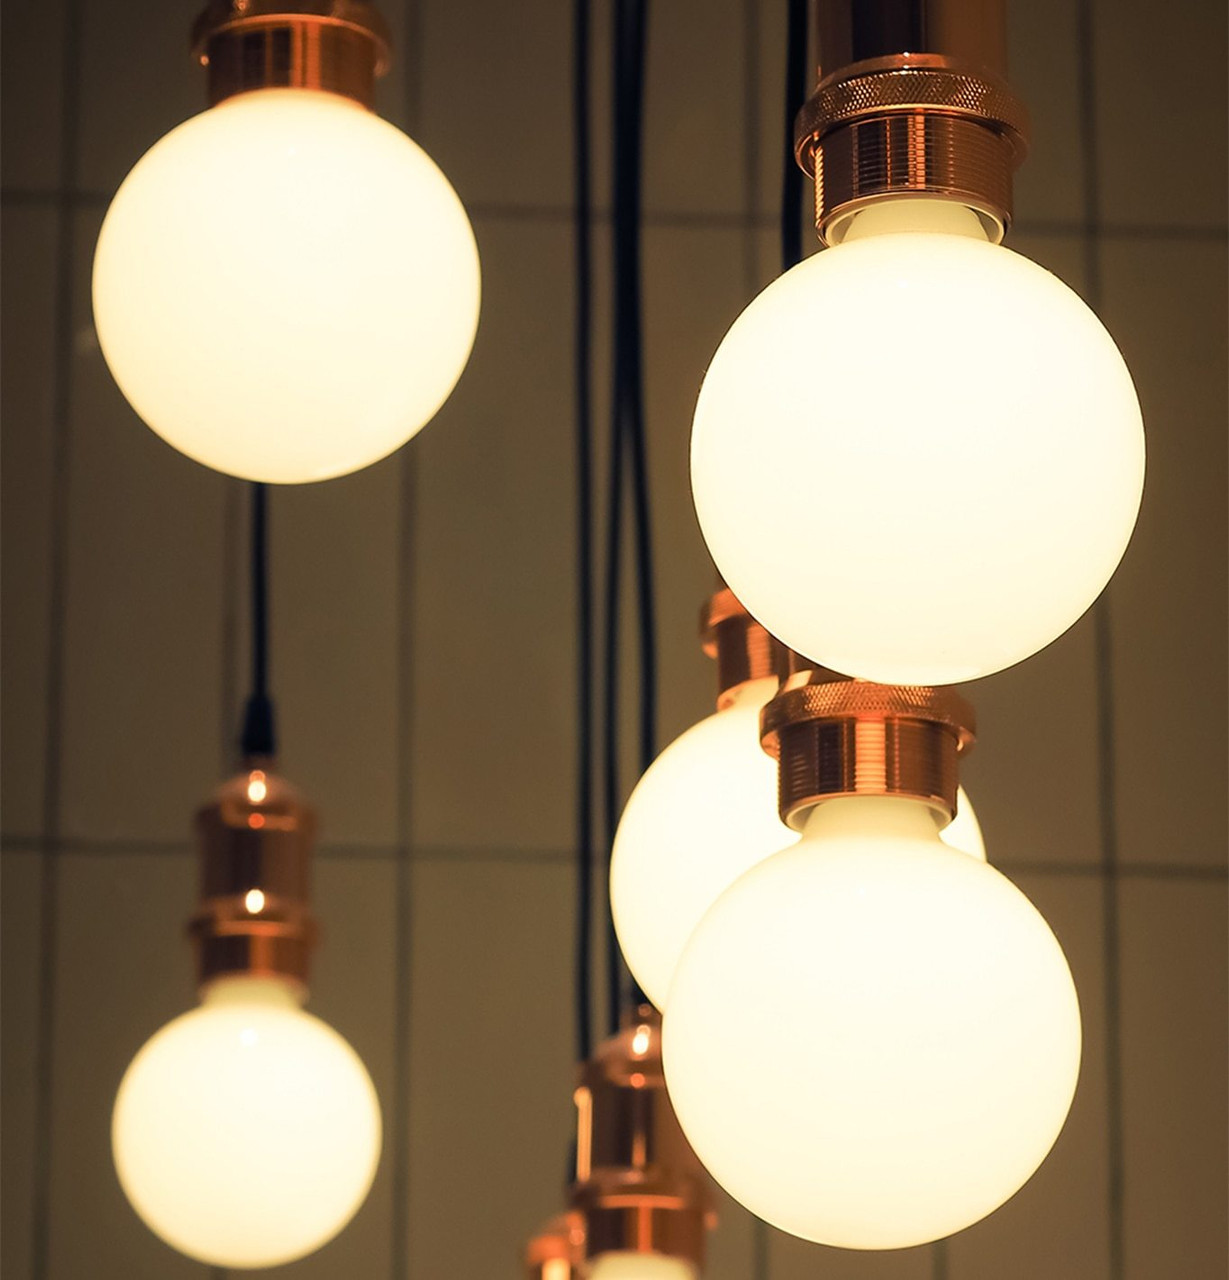 LED G125 2200K Light Bulbs